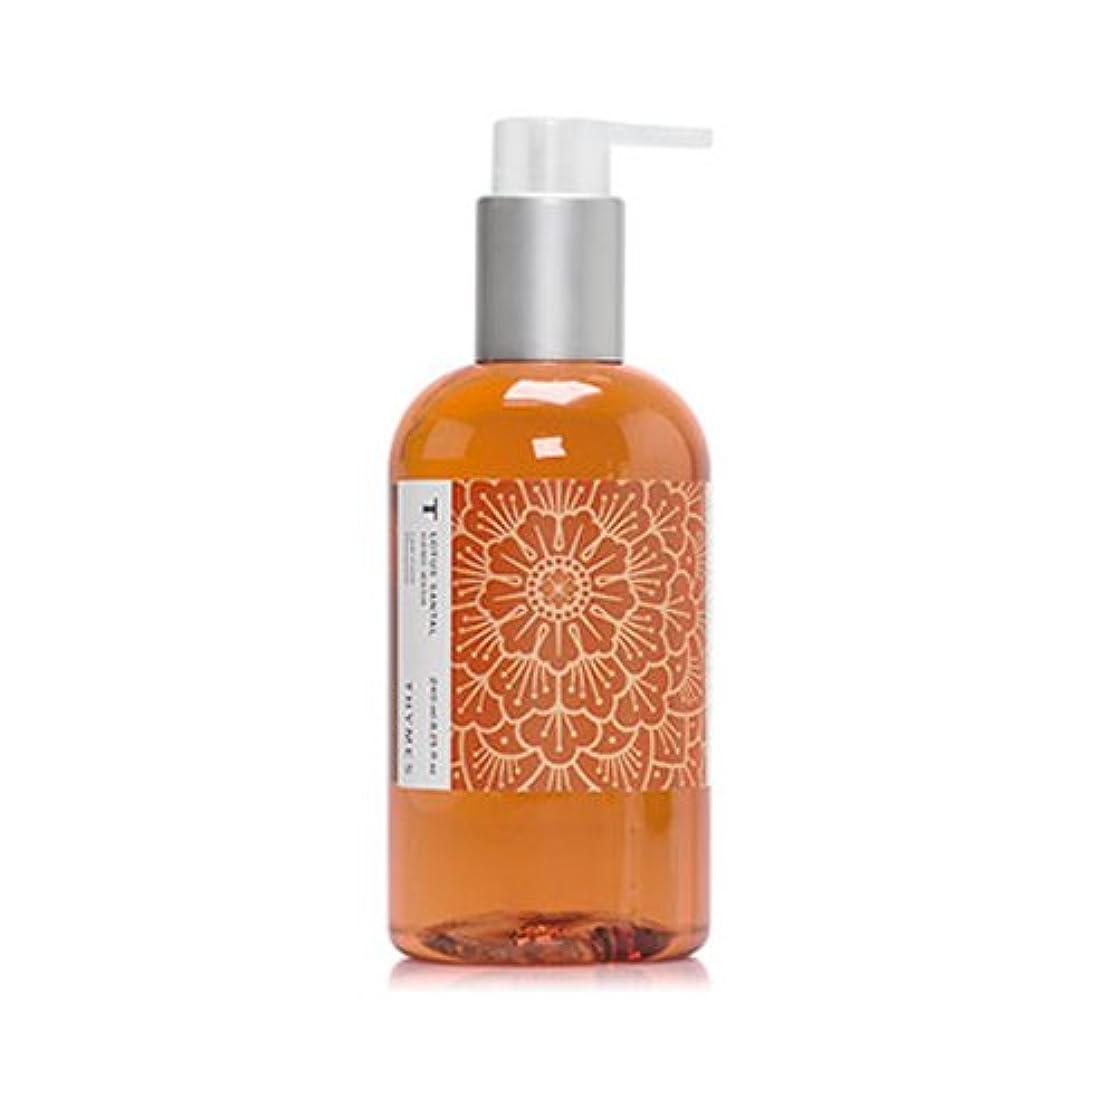 共役不適切な意図的THYMES タイムズ ハンドウォッシュ 240ml ロータスサンタル Hand Wash 8.25 fl oz Lotus Santal [並行輸入品]